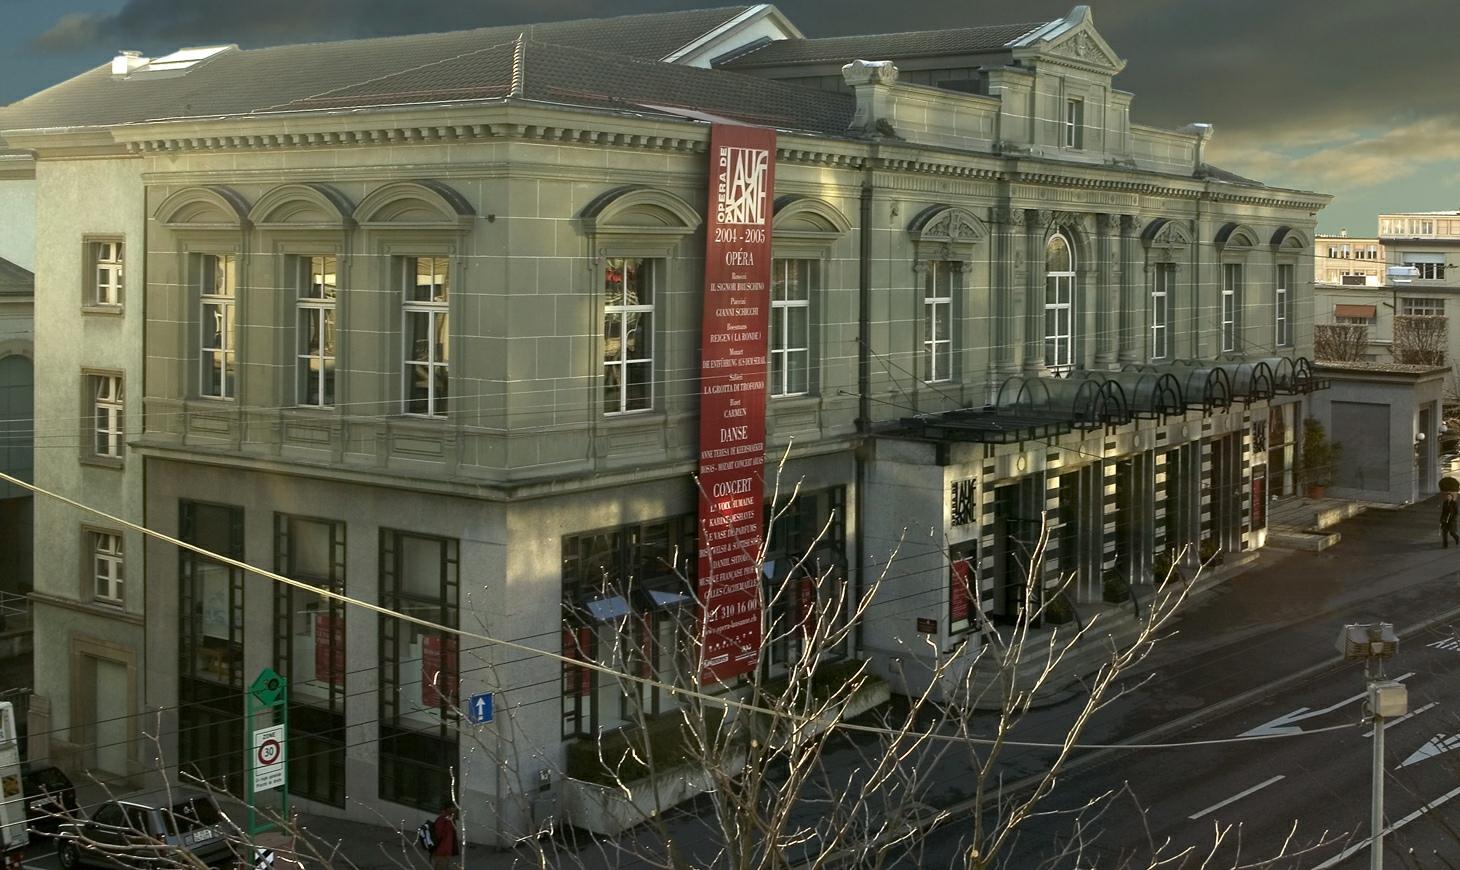 La façade de l'Opéra de Lausanne après la transformation de 2012, Wikipedia